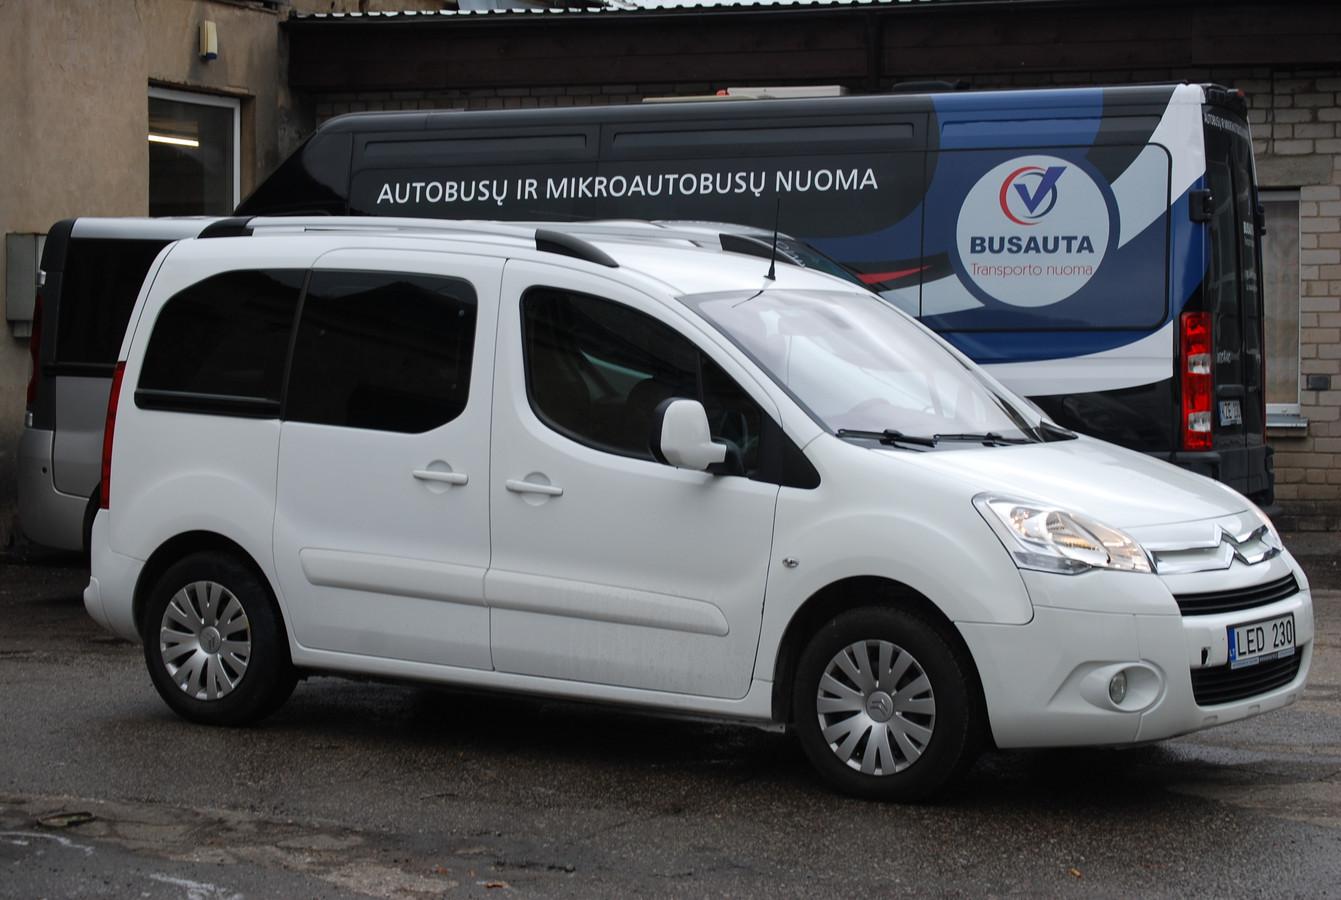 Automobilio nuoma.  Automobilių ir mikroautobusų ilgalaikė ir trumpalaikė nuoma. www.busauta.lt Turime daug automobilių ir mikroautobusų.